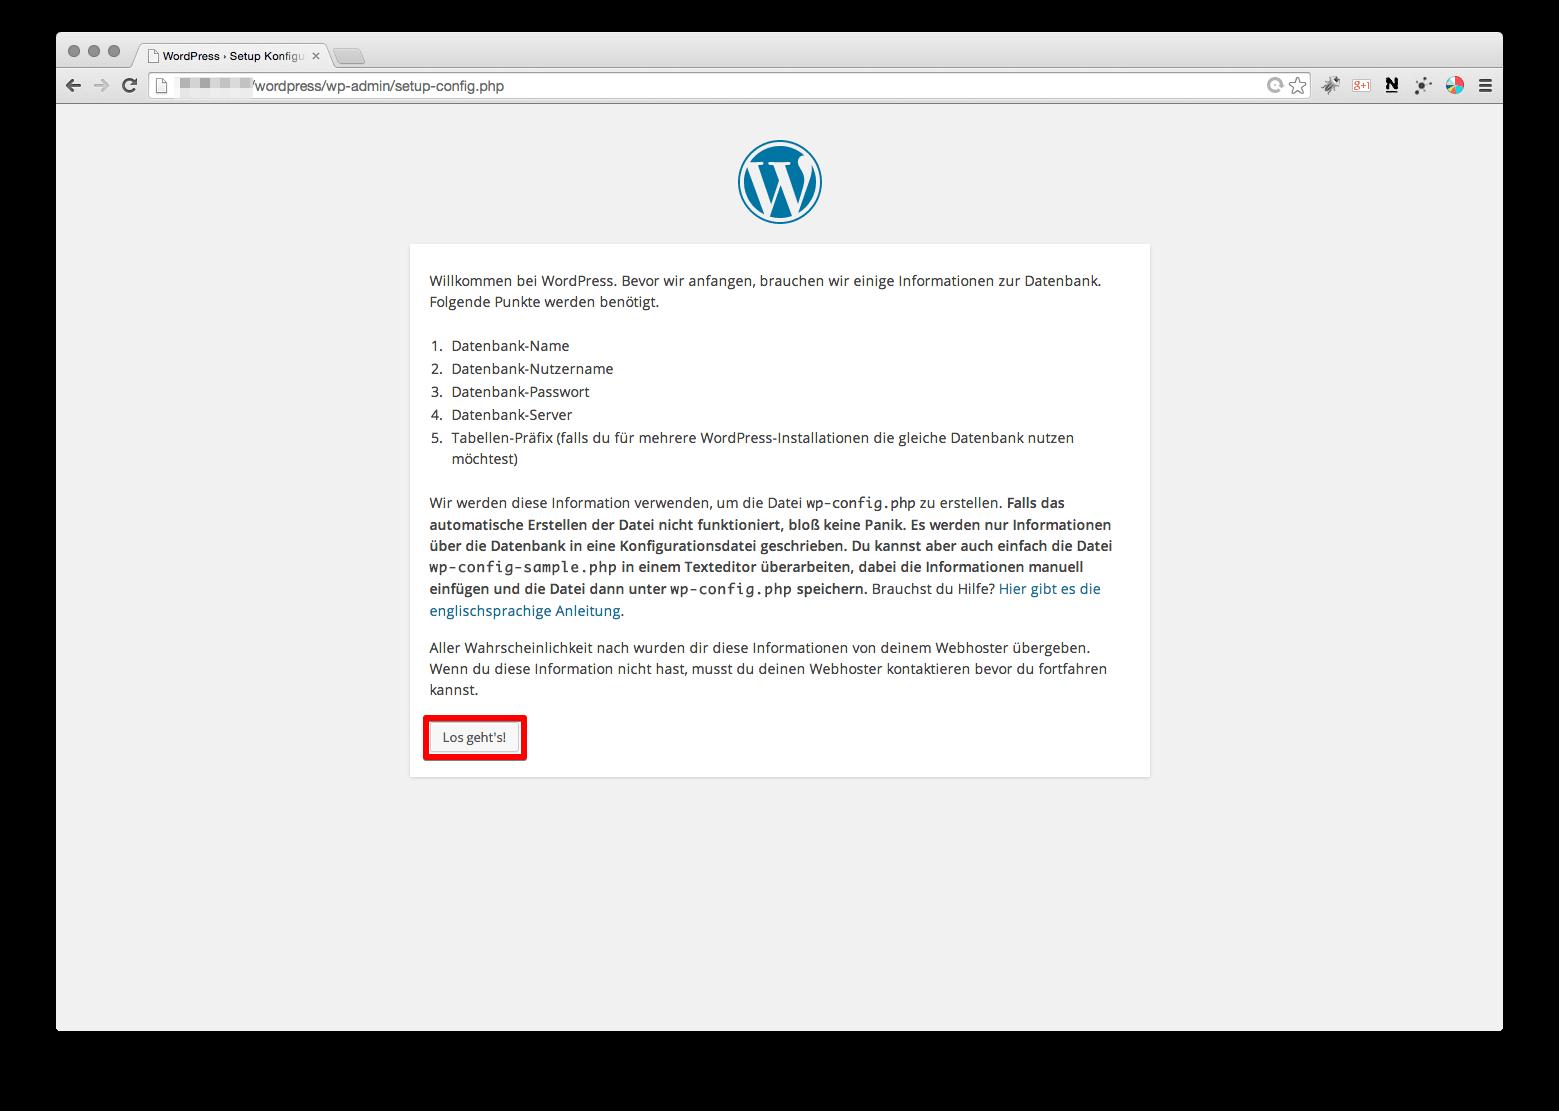 Wordpress Richtig Unter Linux Installieren - Minecraft bukkit server unter linux erstellen